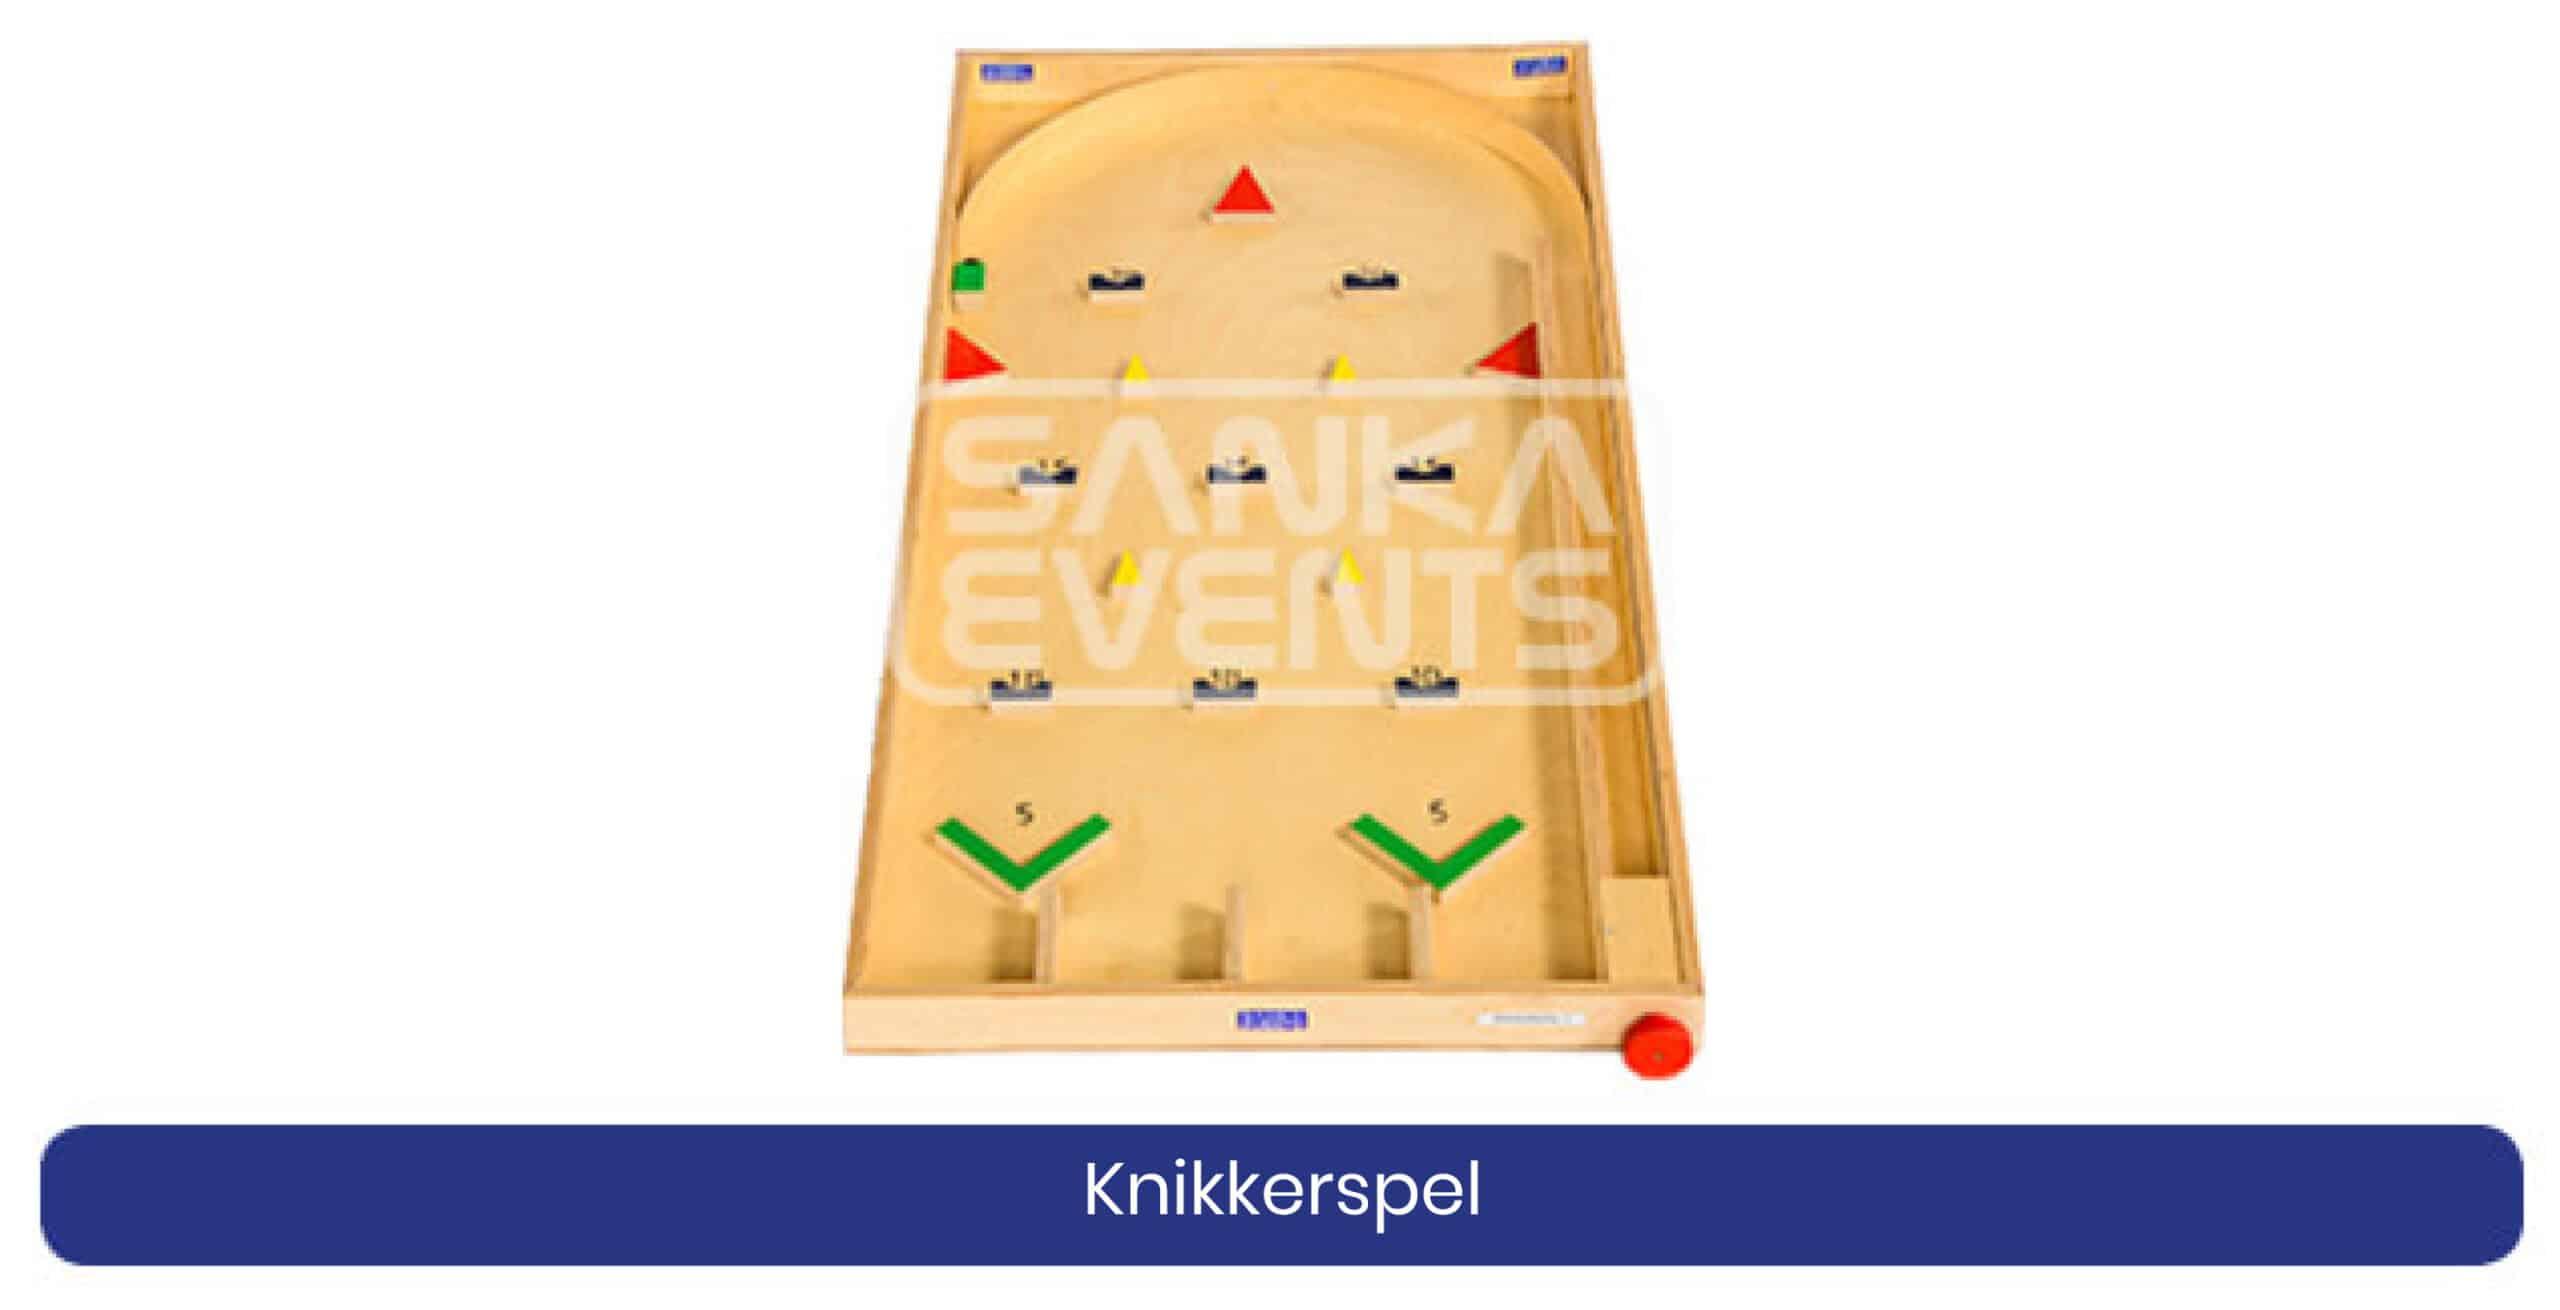 Coronaproof Spellenpakket Knikkerspel